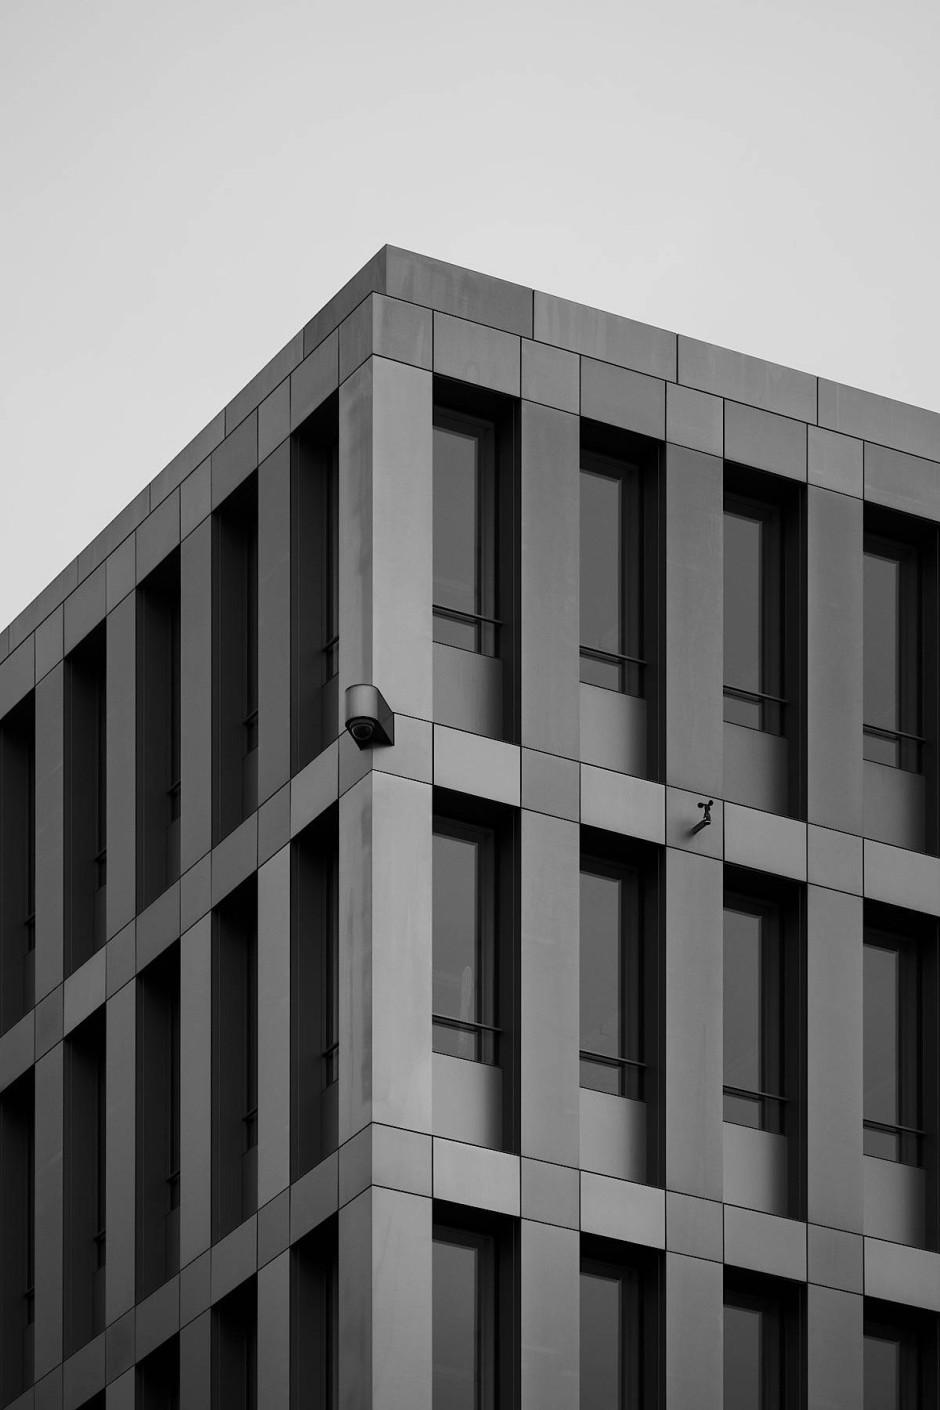 Fassade des neuen BND-Gebäudes in Berlin. Hier wird überwacht.